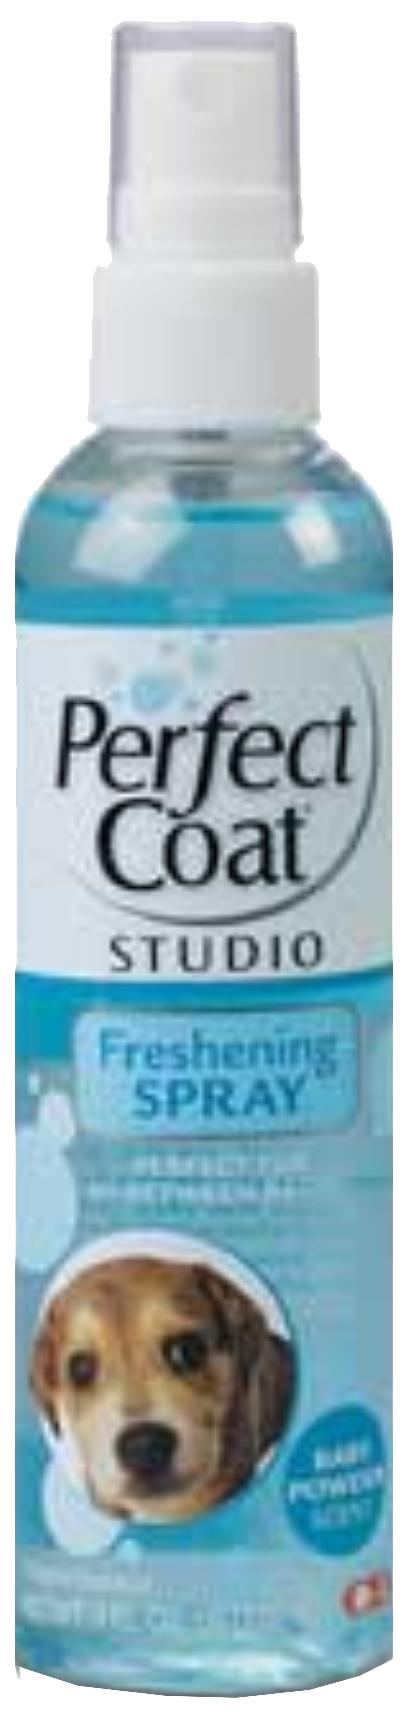 Спрей 8in1 Perfect Coat Freshening Spray Baby